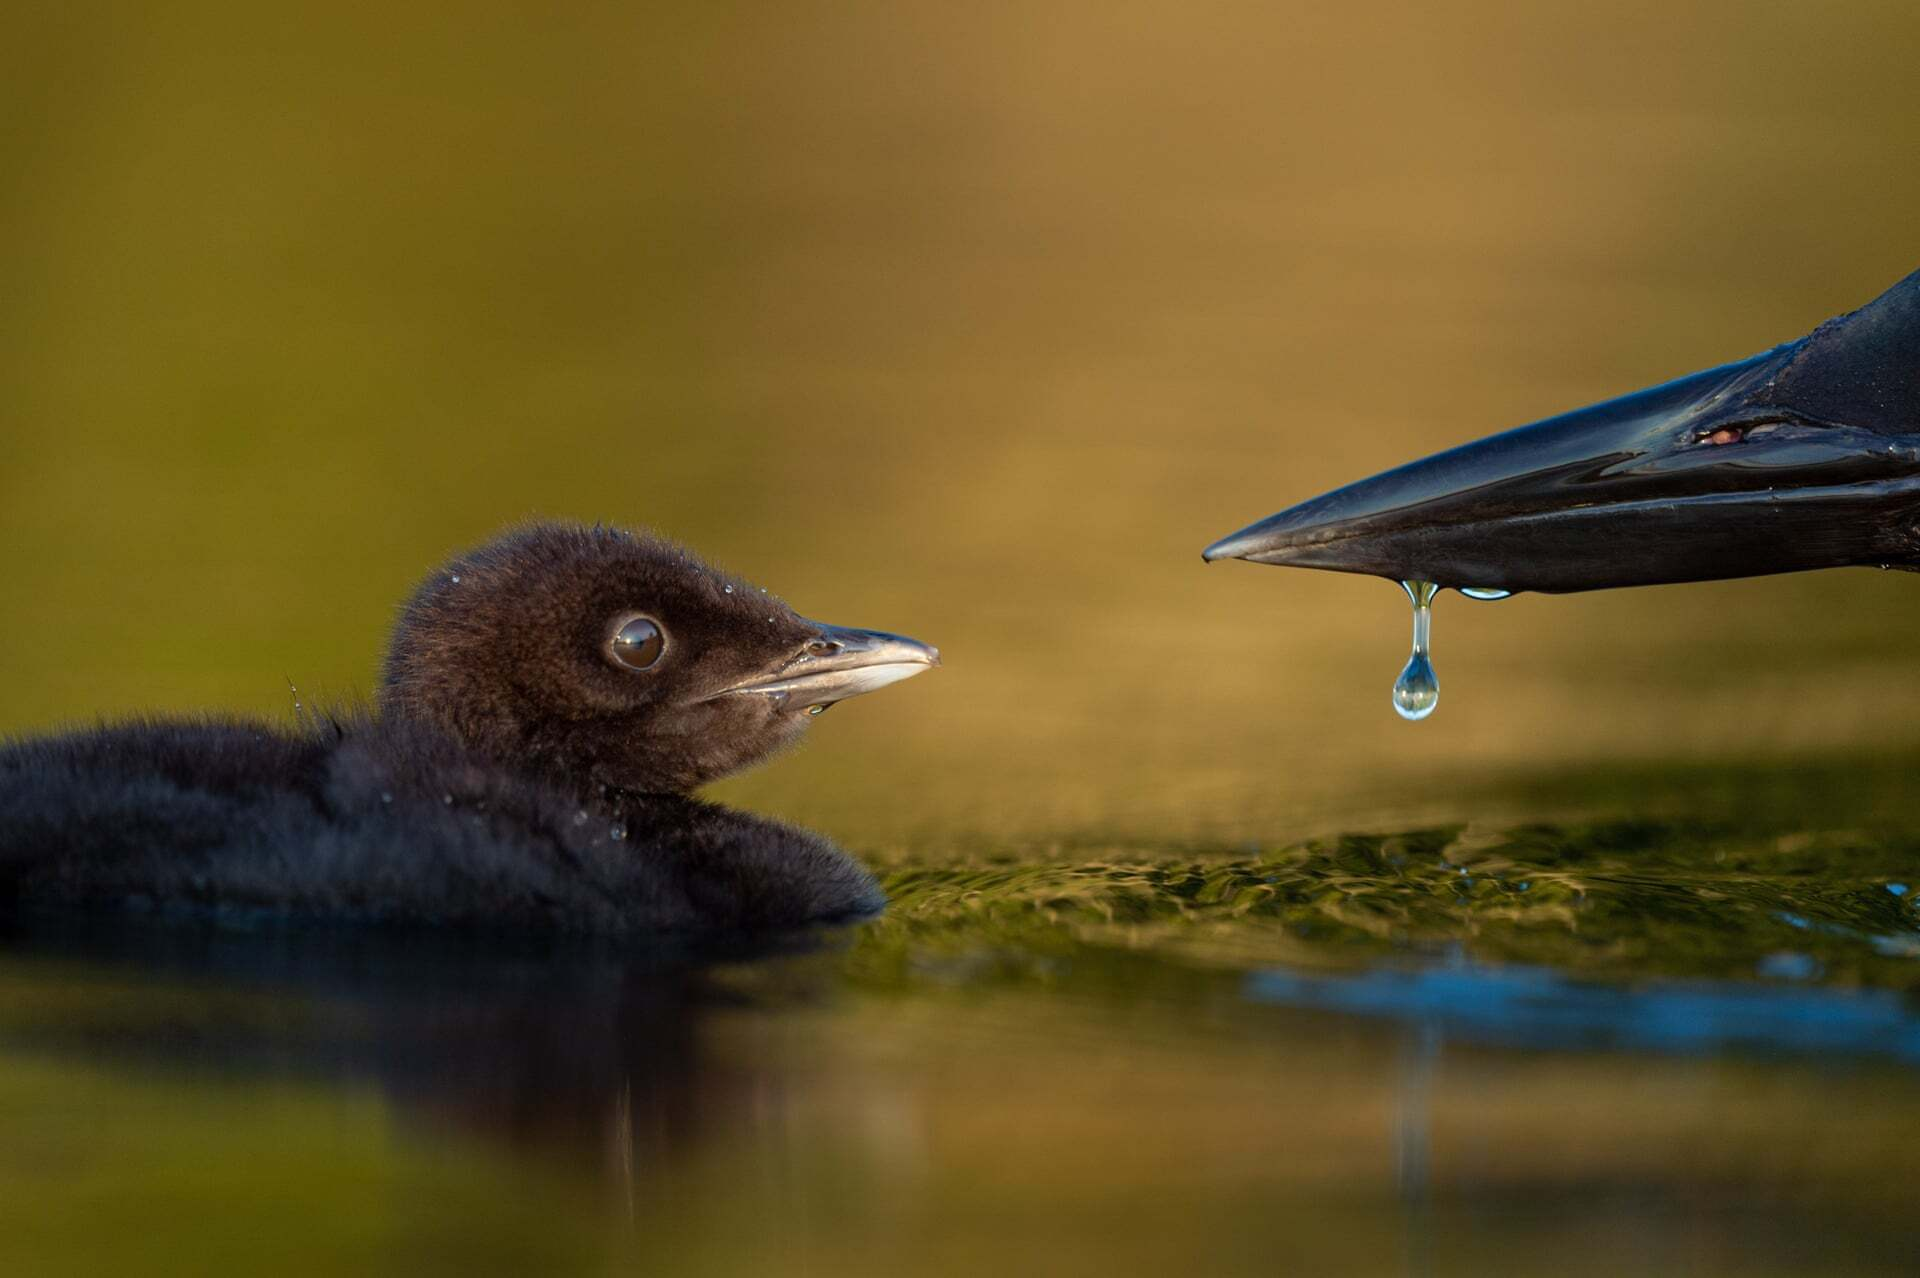 פוטו תחרות צילומי ציפורים 2021 האכלת גוזל